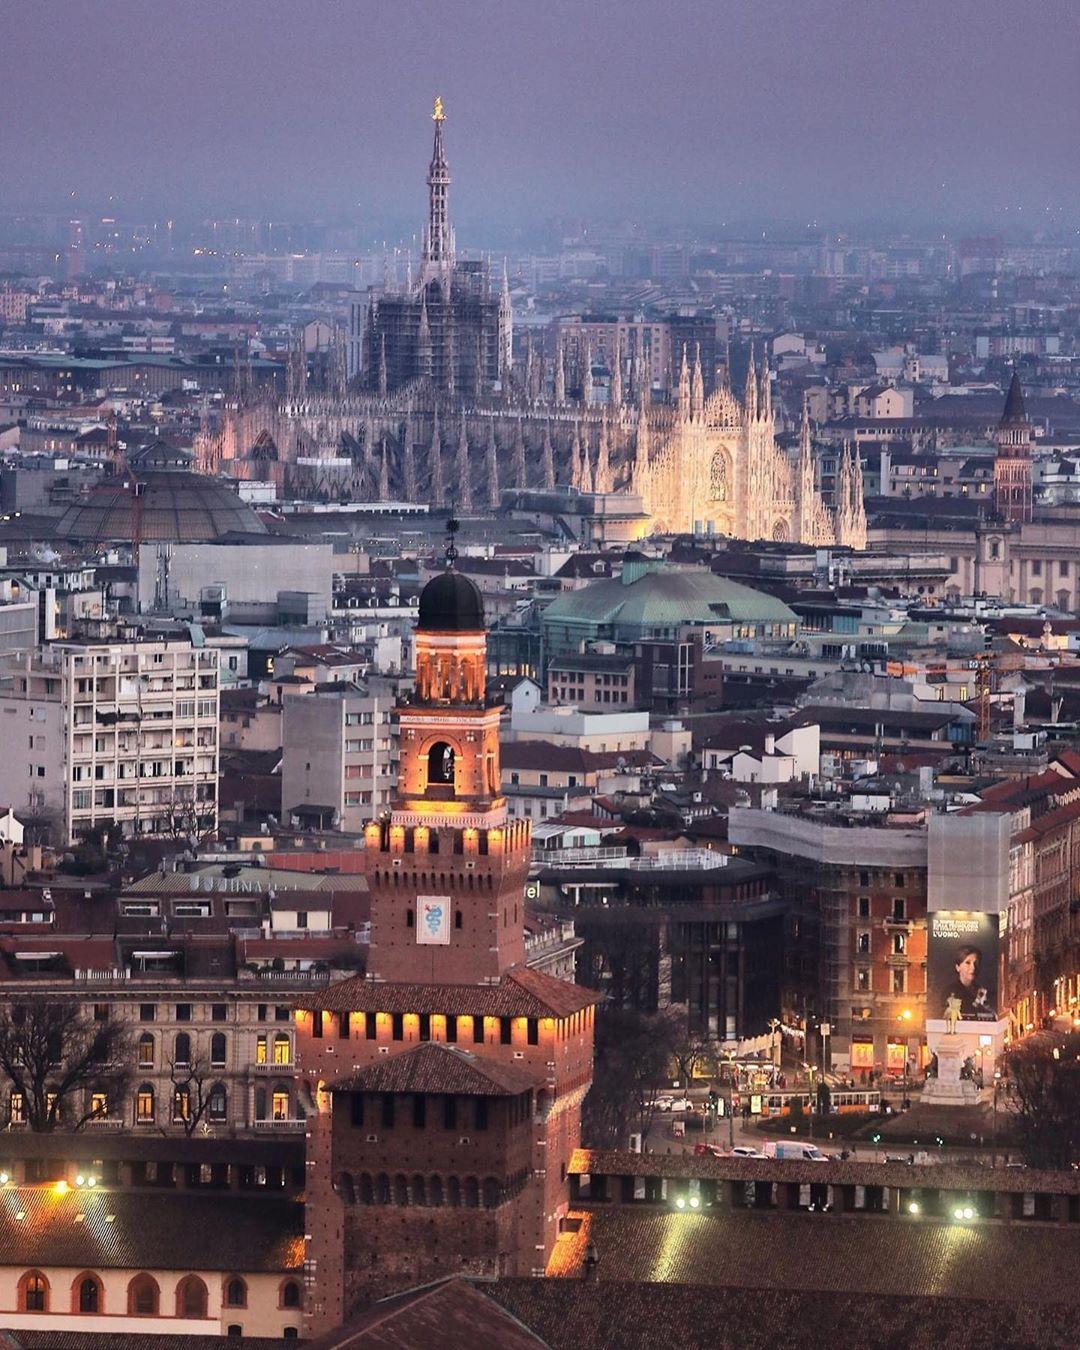 Meteo a Milano, inizia una settimana caratterizzata dal tempo instabile: temporali in arrivo anche nel corso del week end